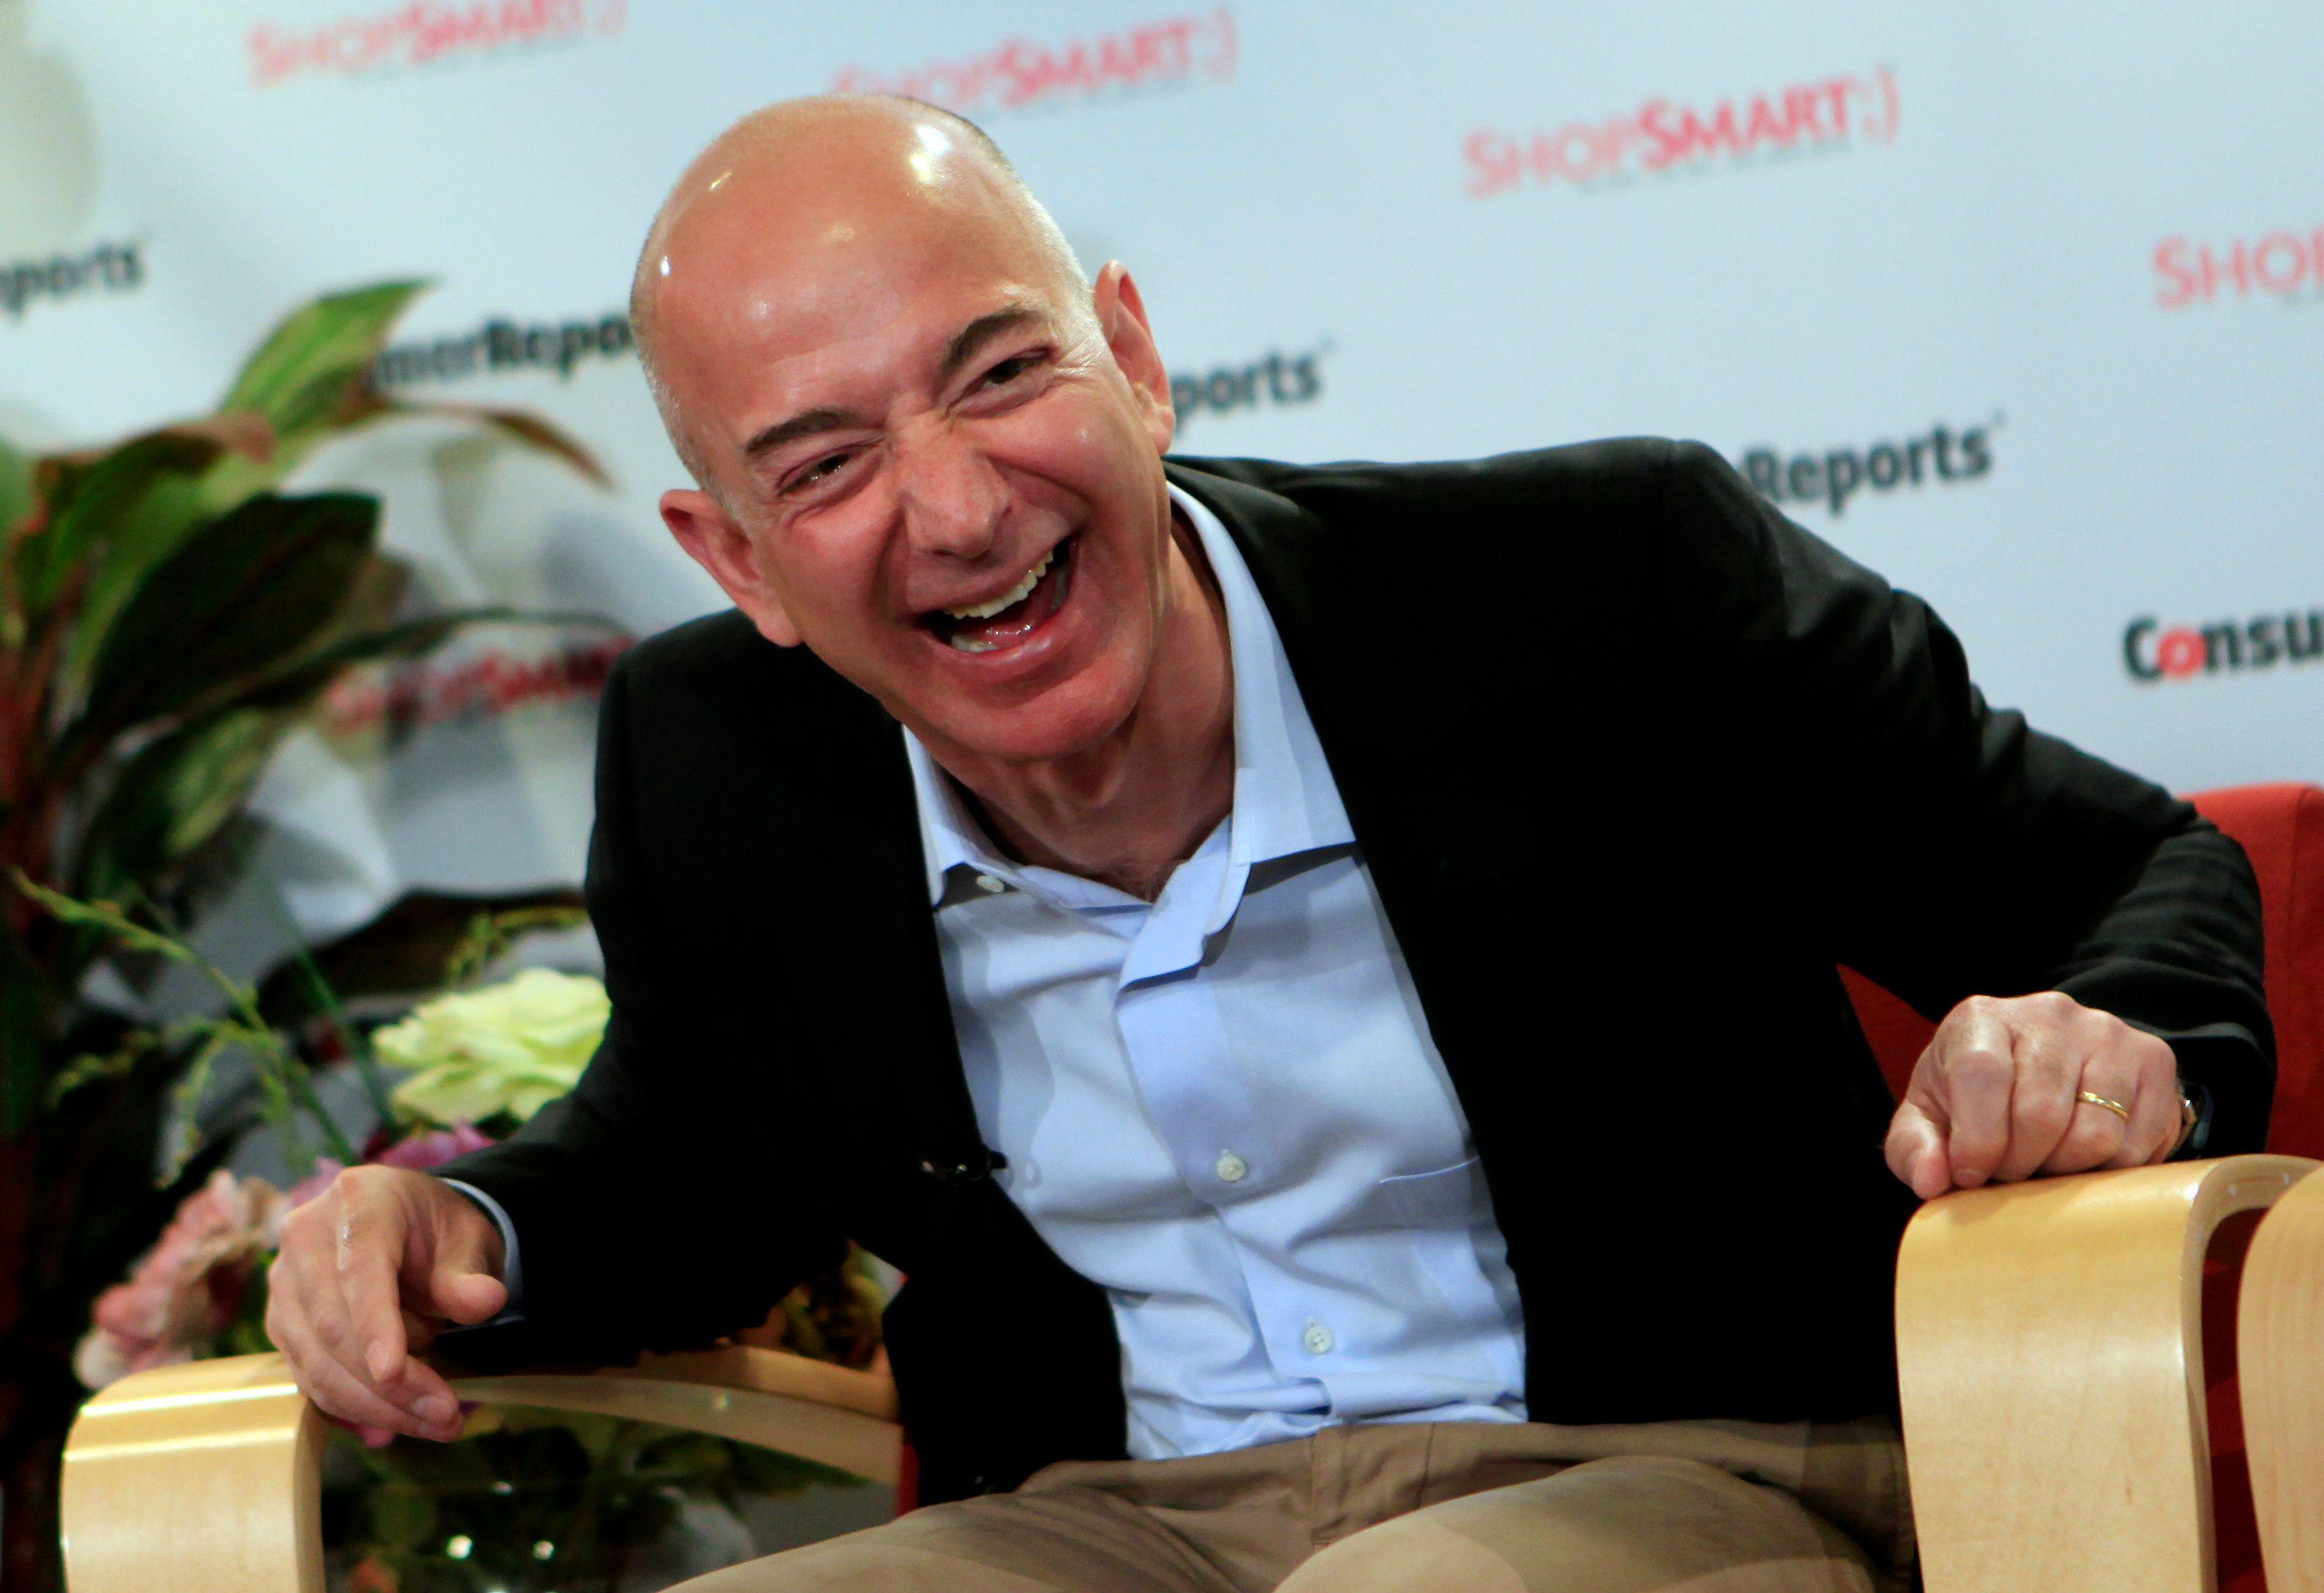 Pour financer la conquête spatiale , Jeff Bezos vend pour 2.8 milliards de dollars d'actions d'Amazon